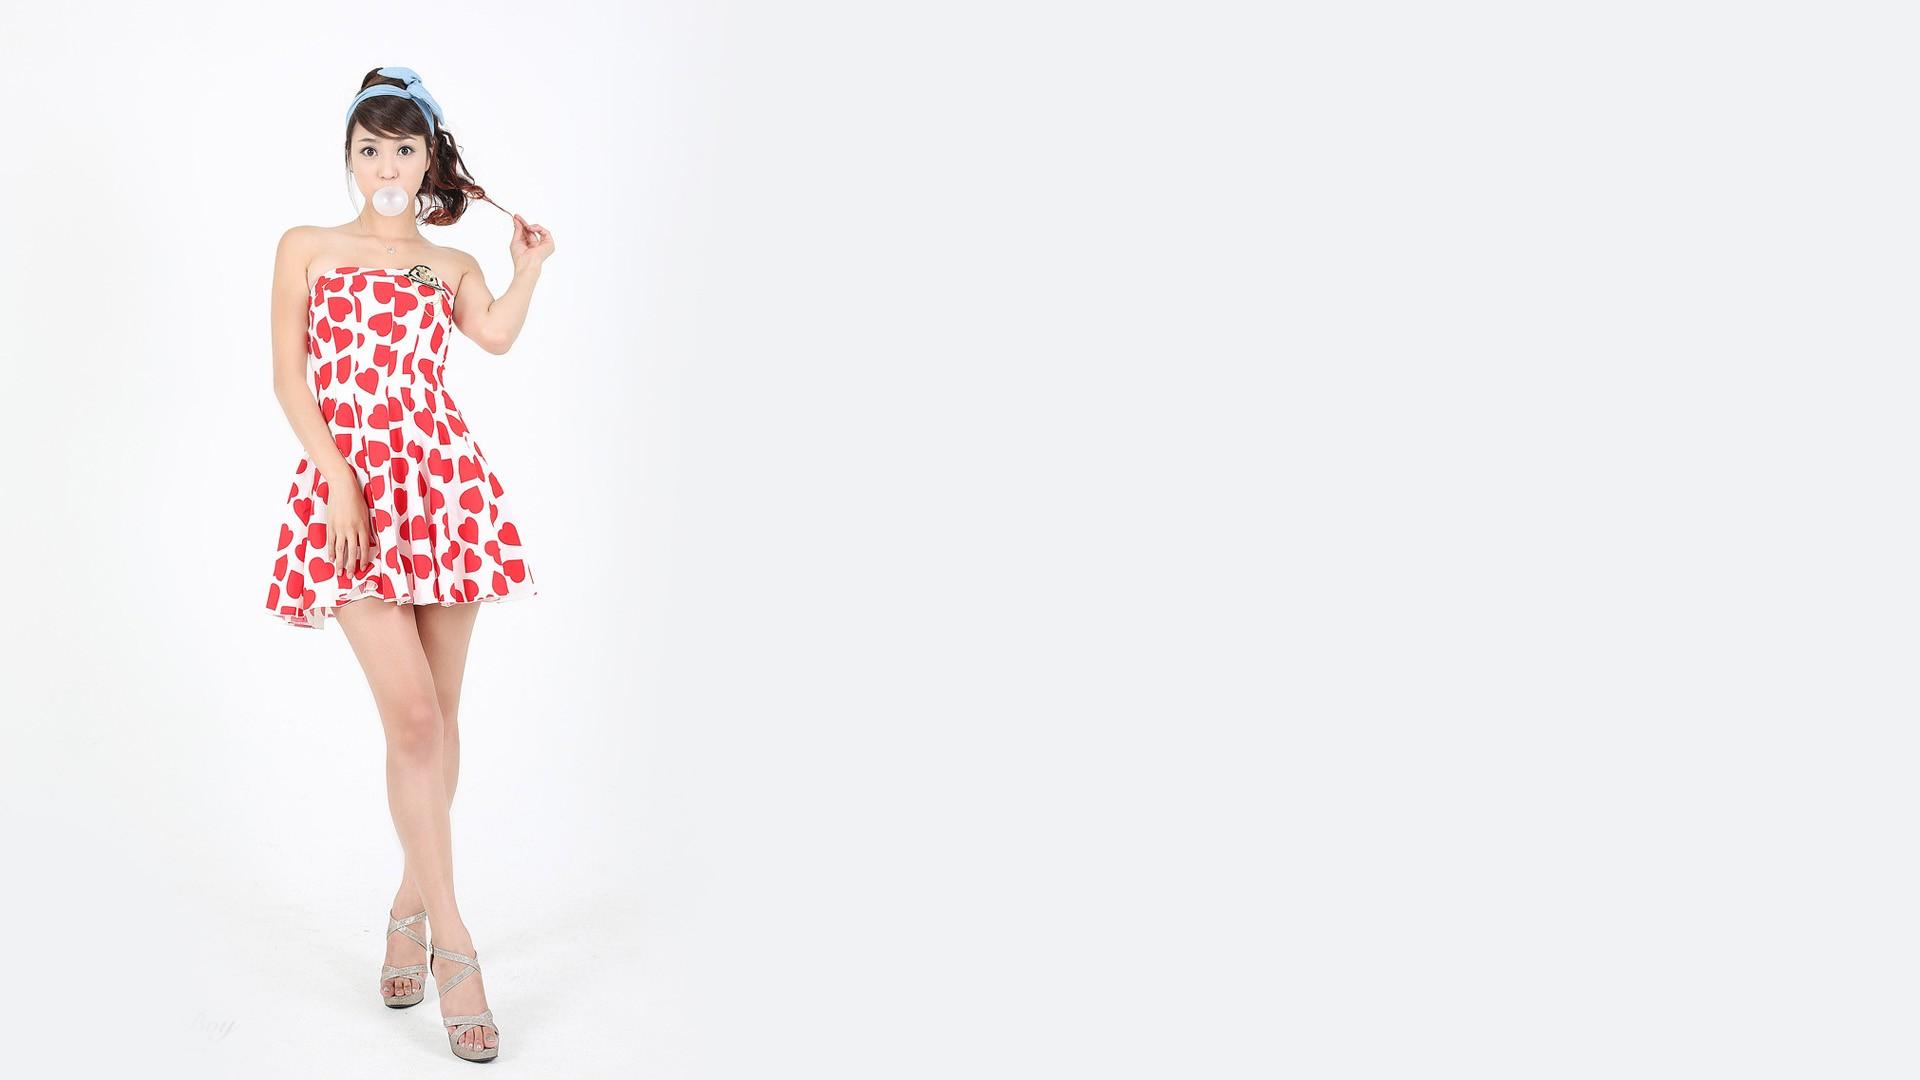 Hintergrundbilder : Frau, Einfacher hintergrund, Brünette, Minikleid ...